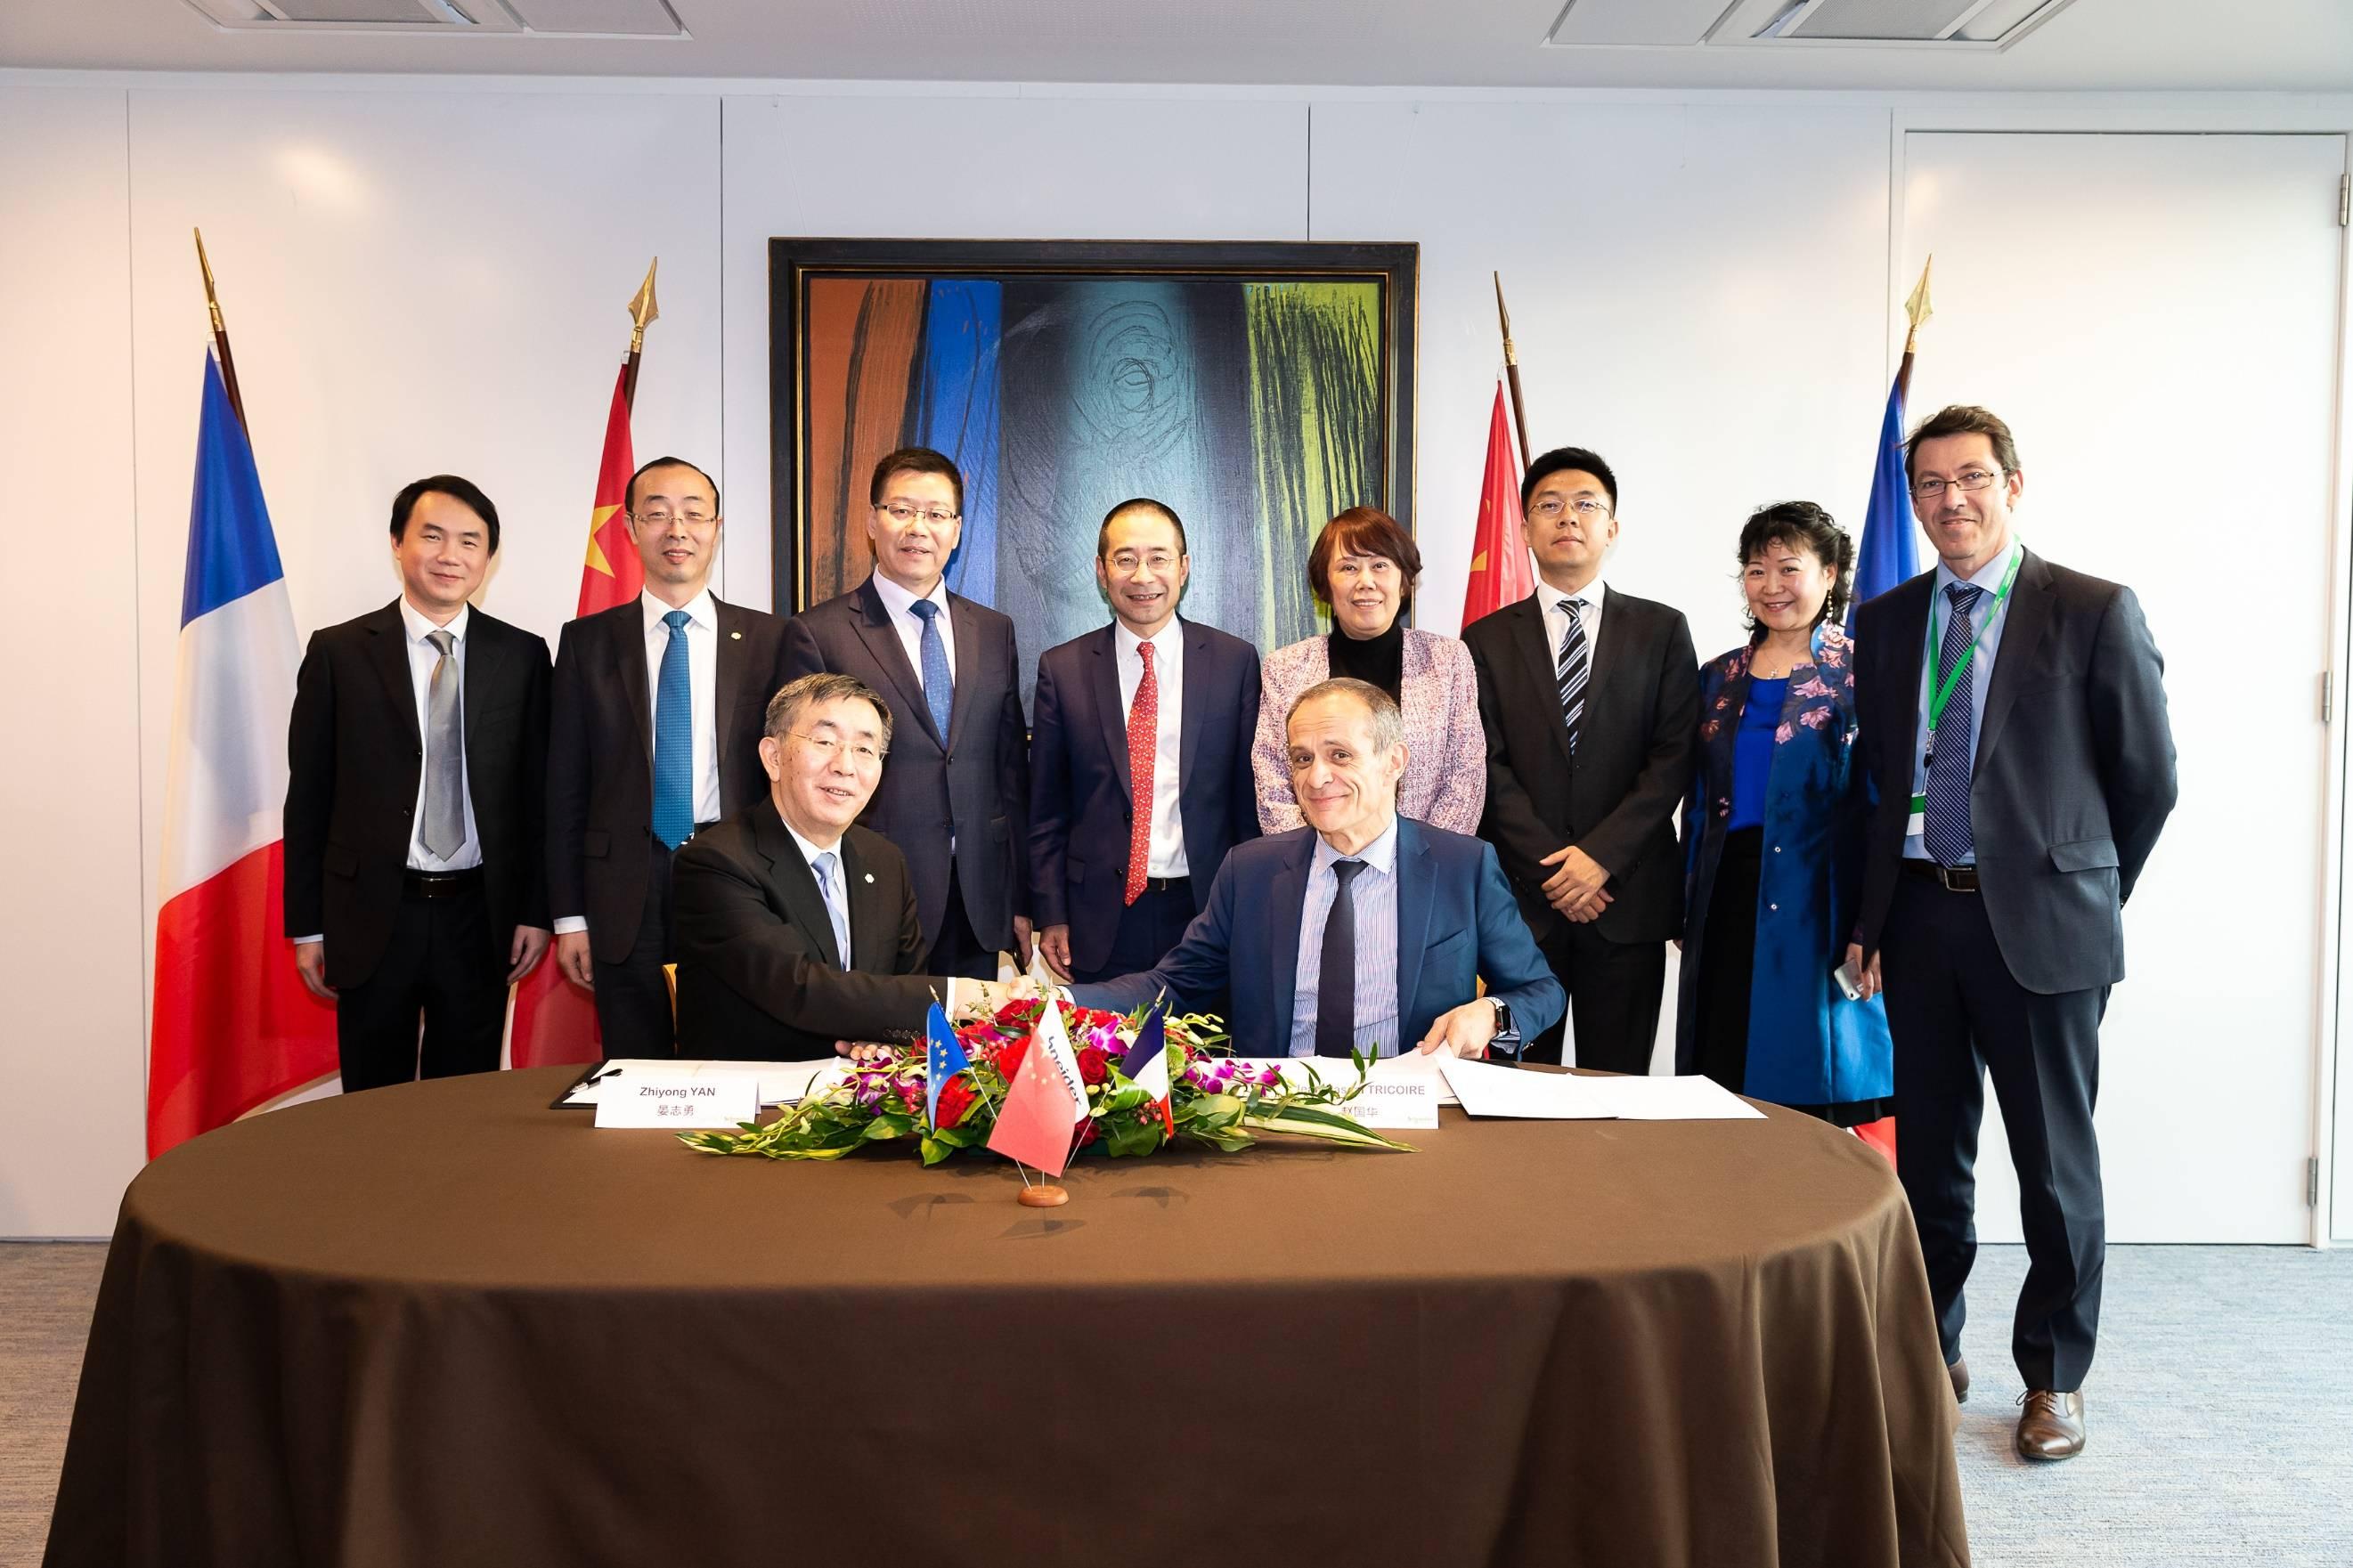 竞争力再升级,施耐德电气助力中国电建全球化